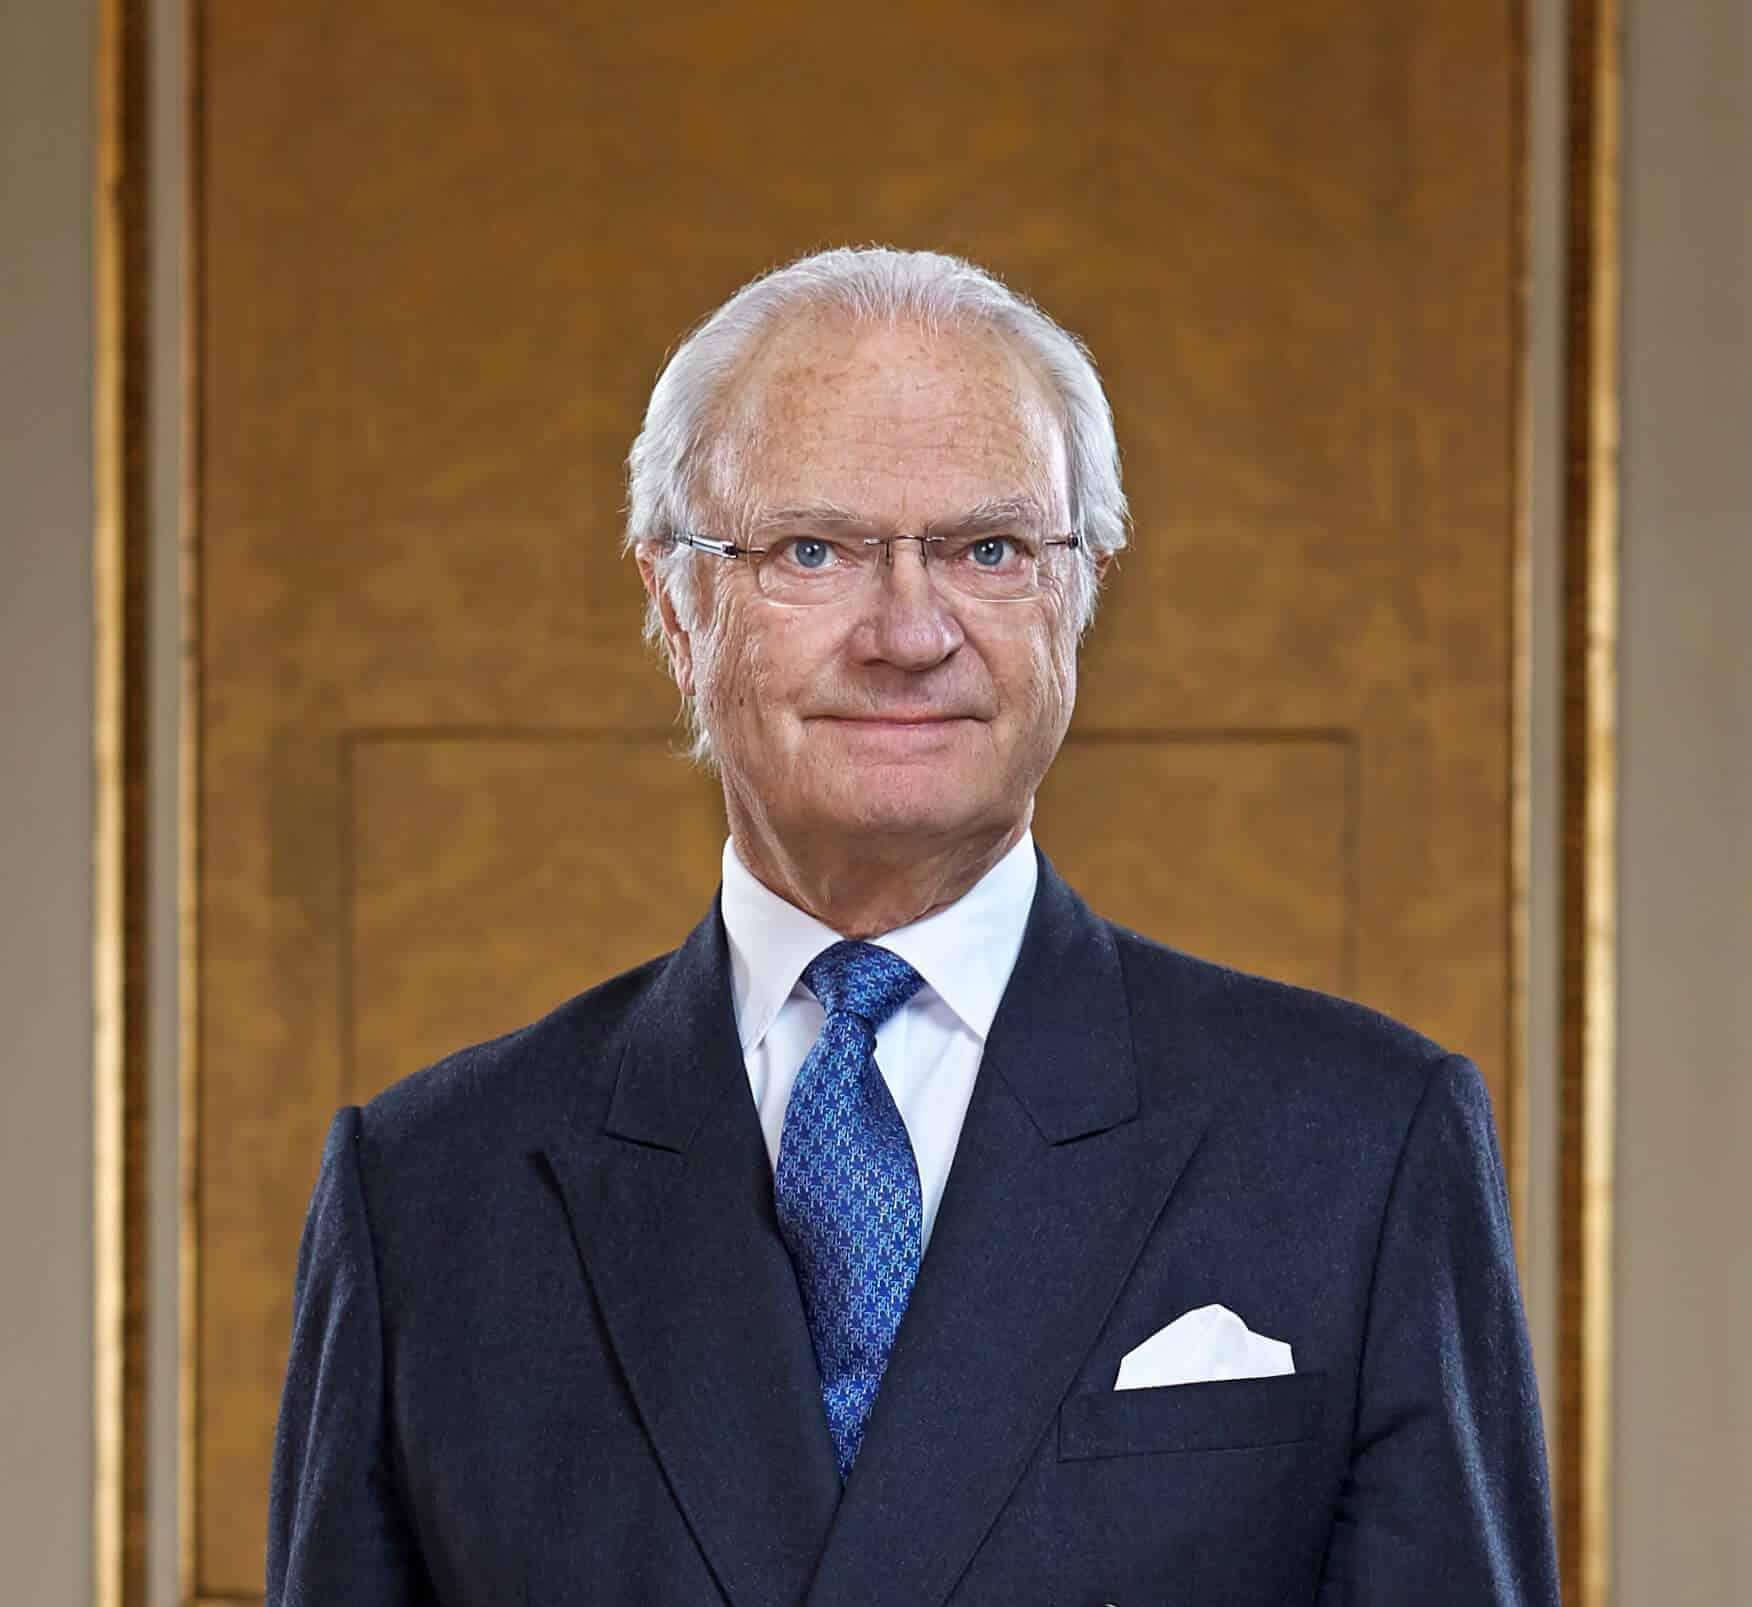 K-nig-Carl-Gustaf-von-Schweden-Sein-Ruf-wird-beschmutzt